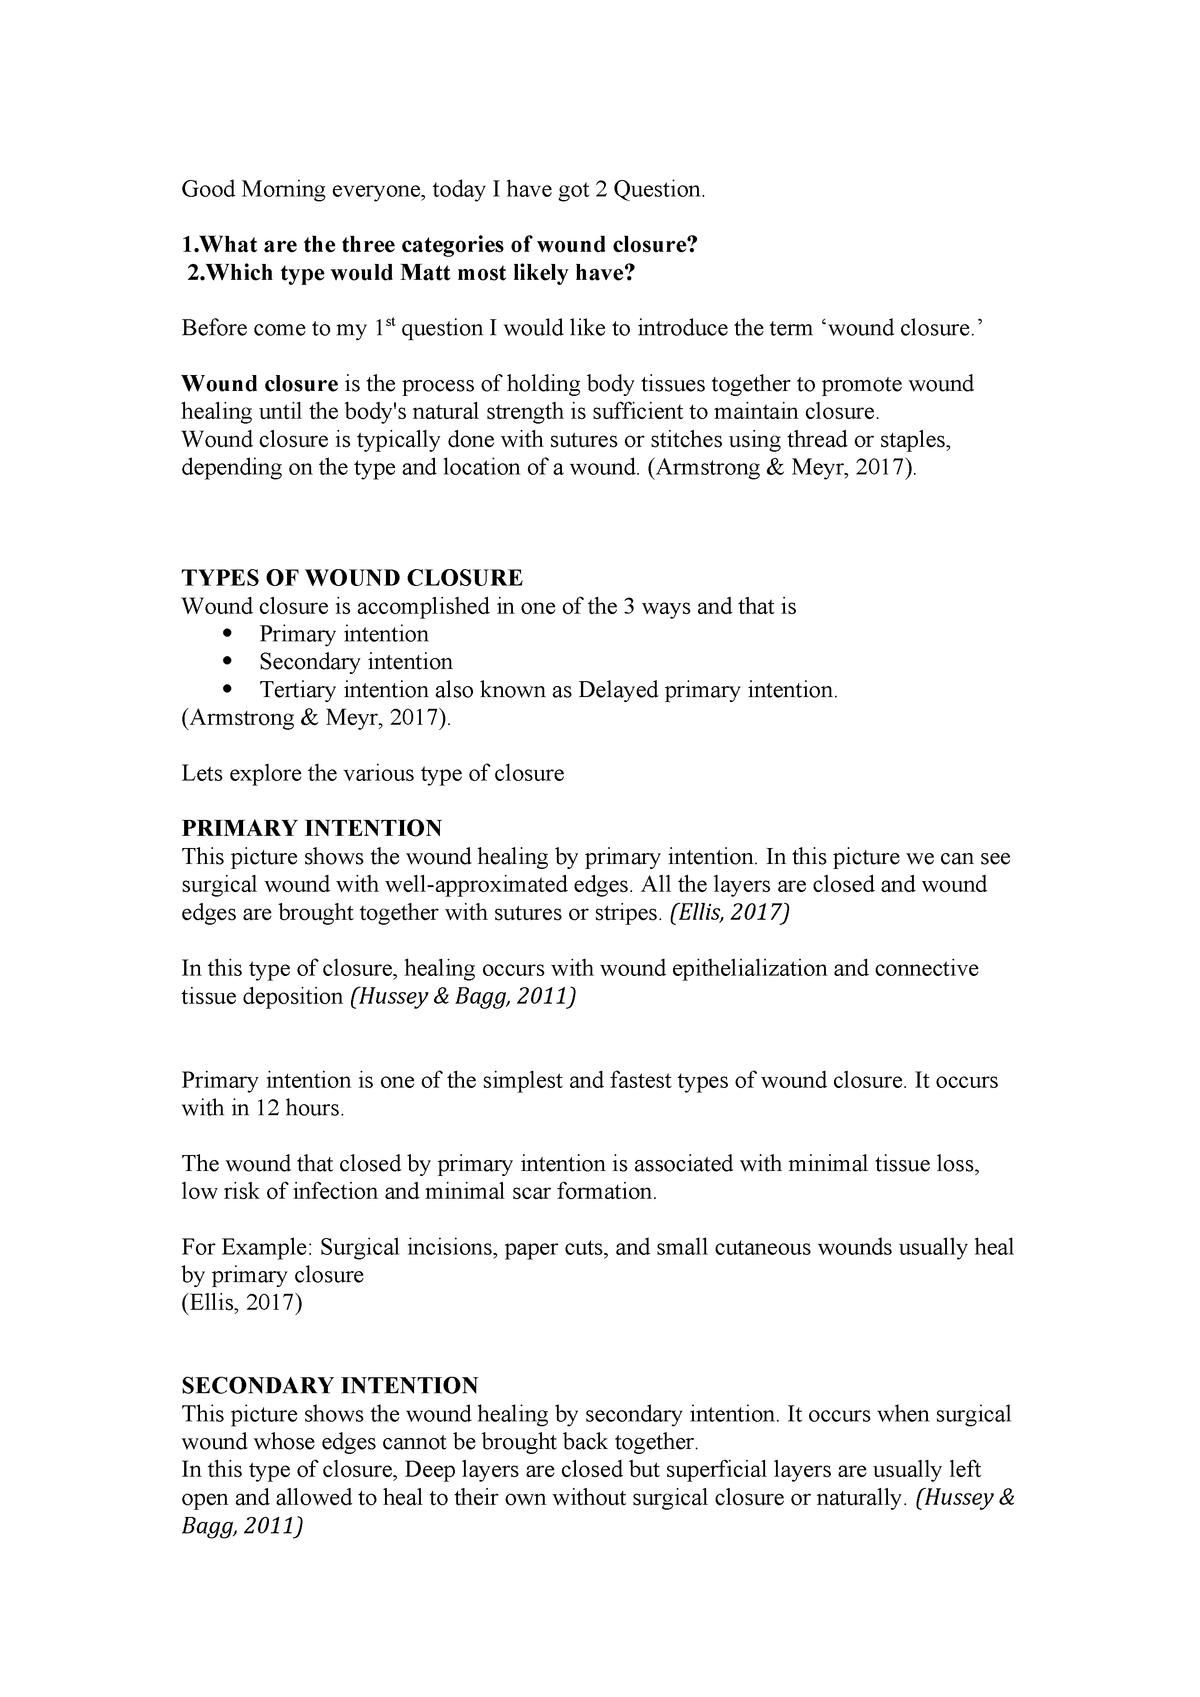 Assignment 2 Wound Closure - NRSG258 Acute Care Nursing I